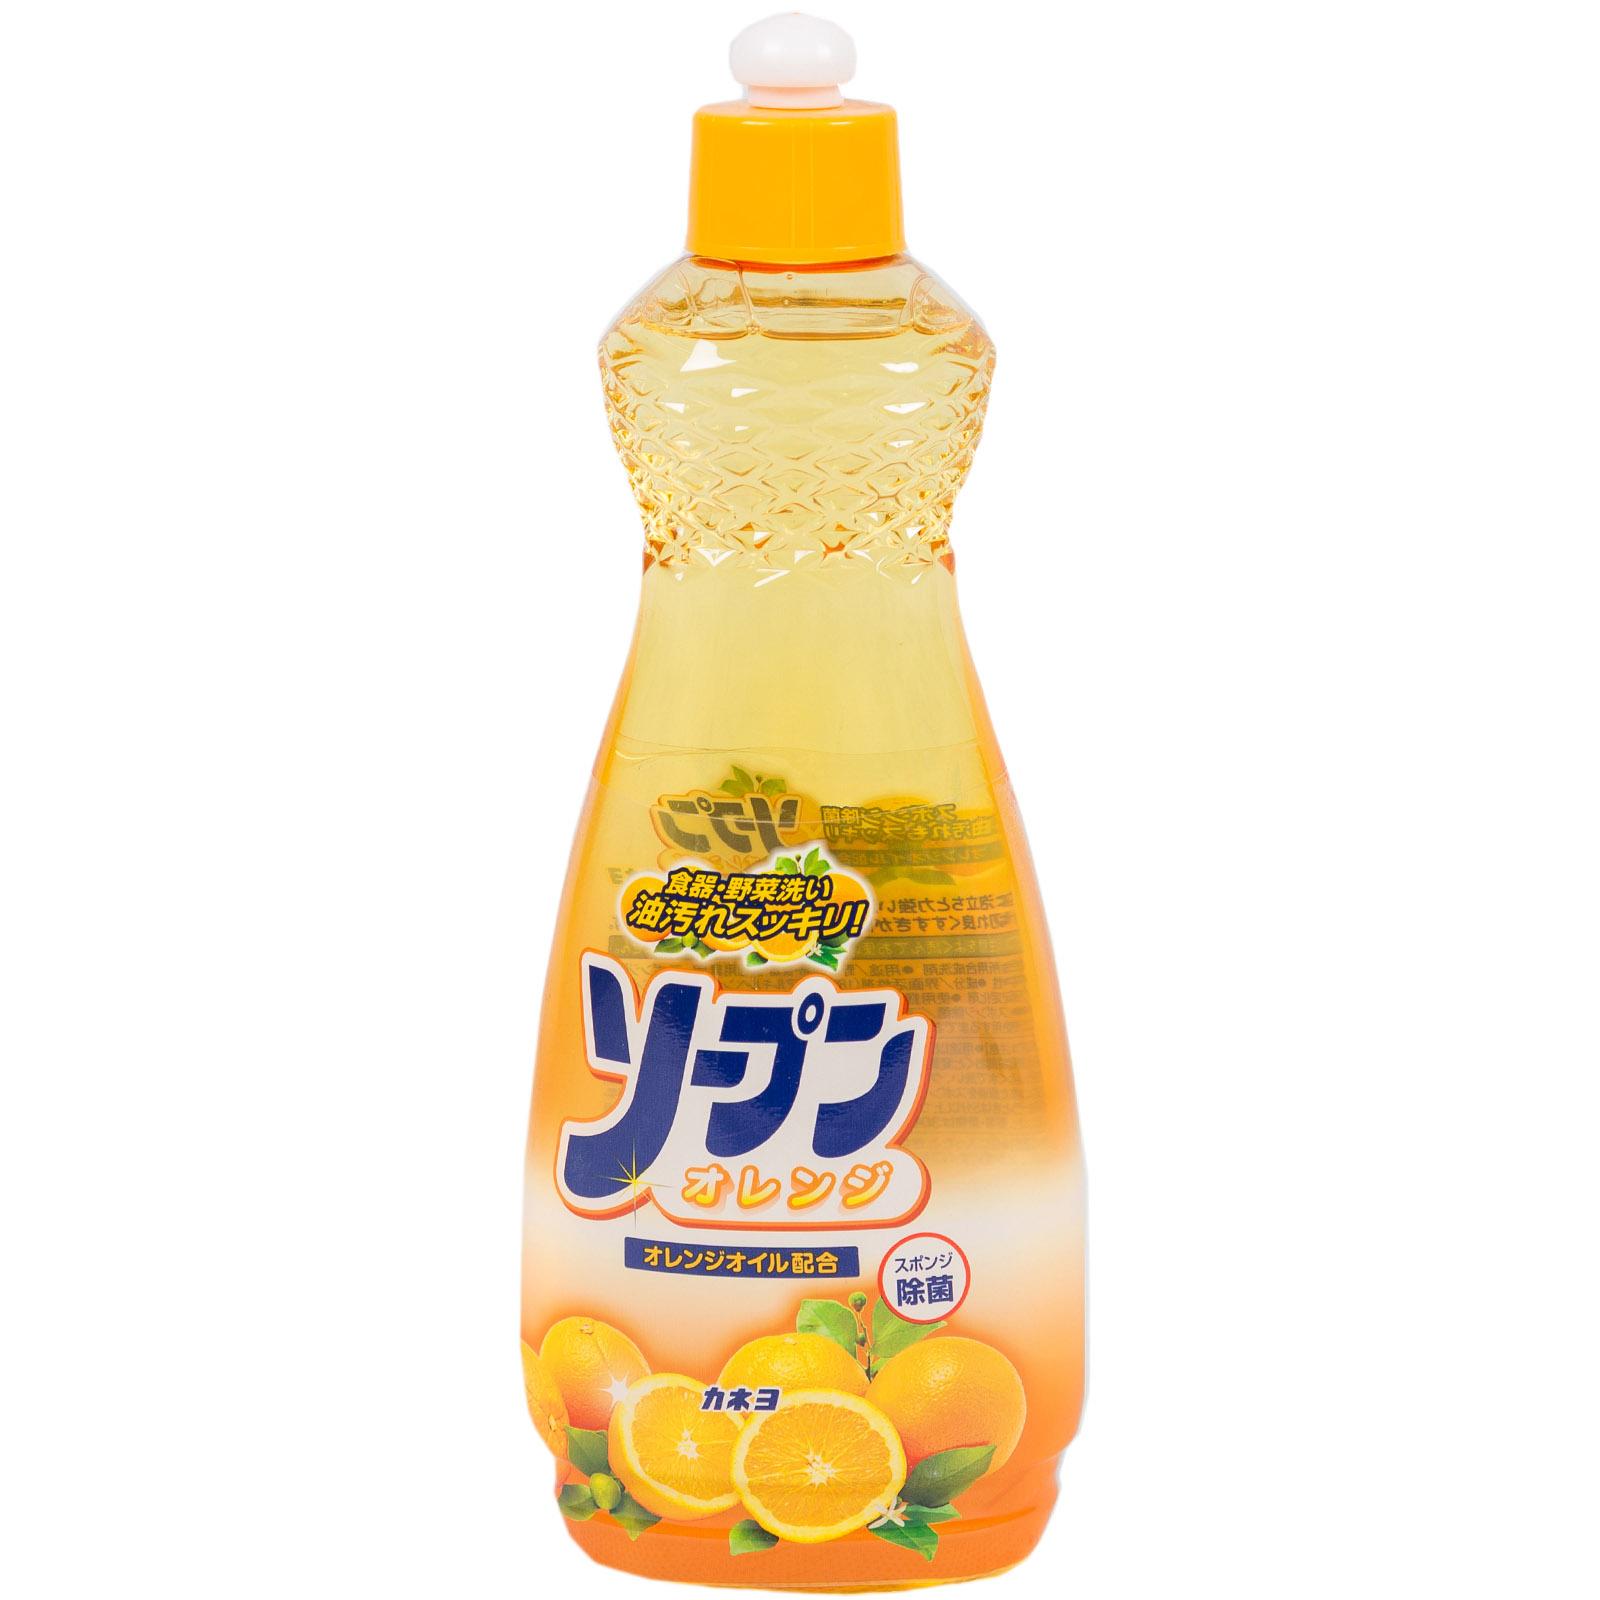 Жидкость для мытья посуды, овощей и фруктов Kaneyo 600 мл. Сладкий апельсин<br>